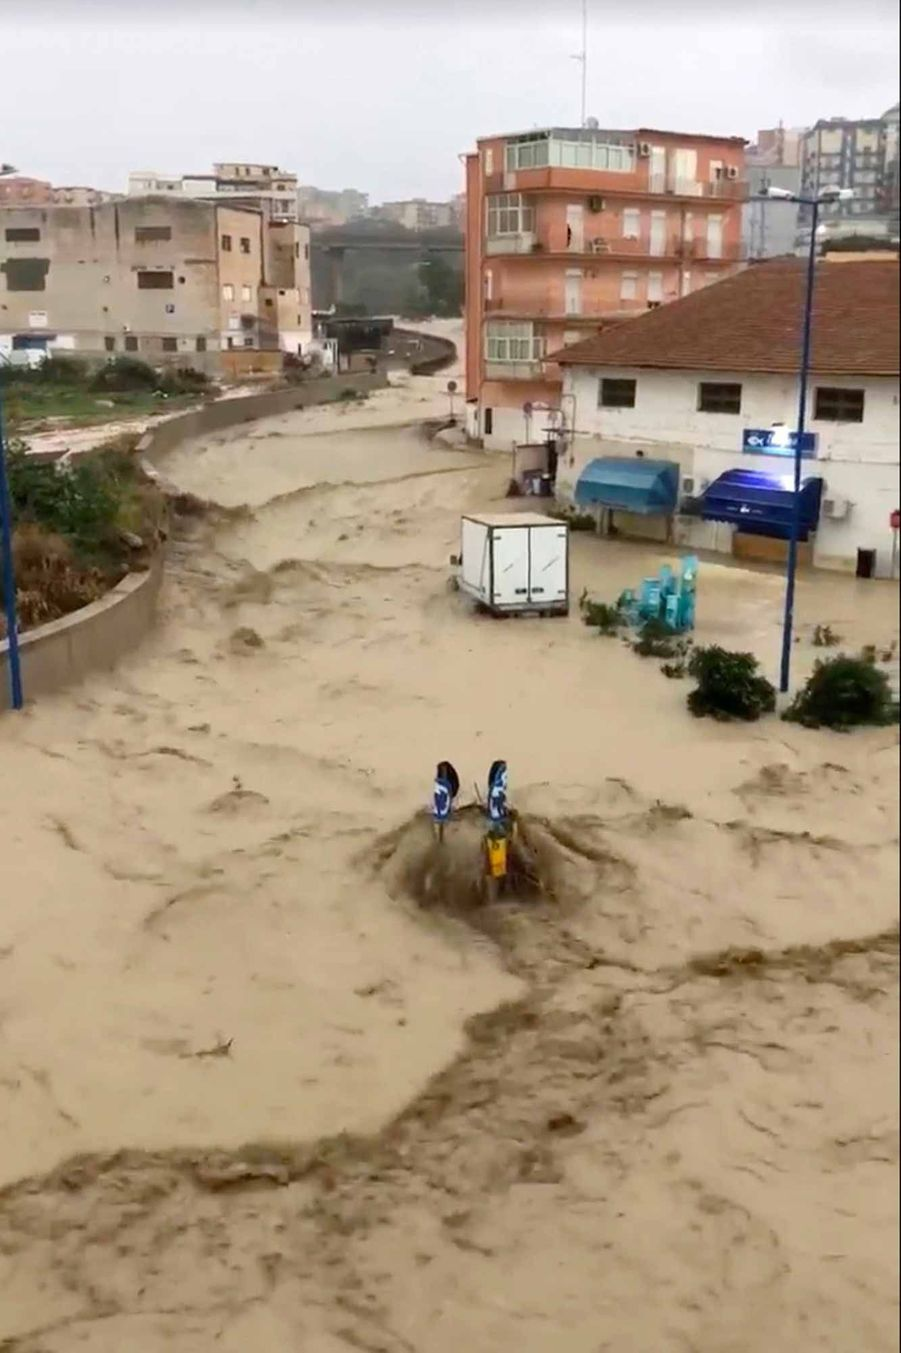 Des dizaines de maisons et des milliers d'arbres ont été déracinés par les intempéries qui ont touché la Vénétie, en Italie.